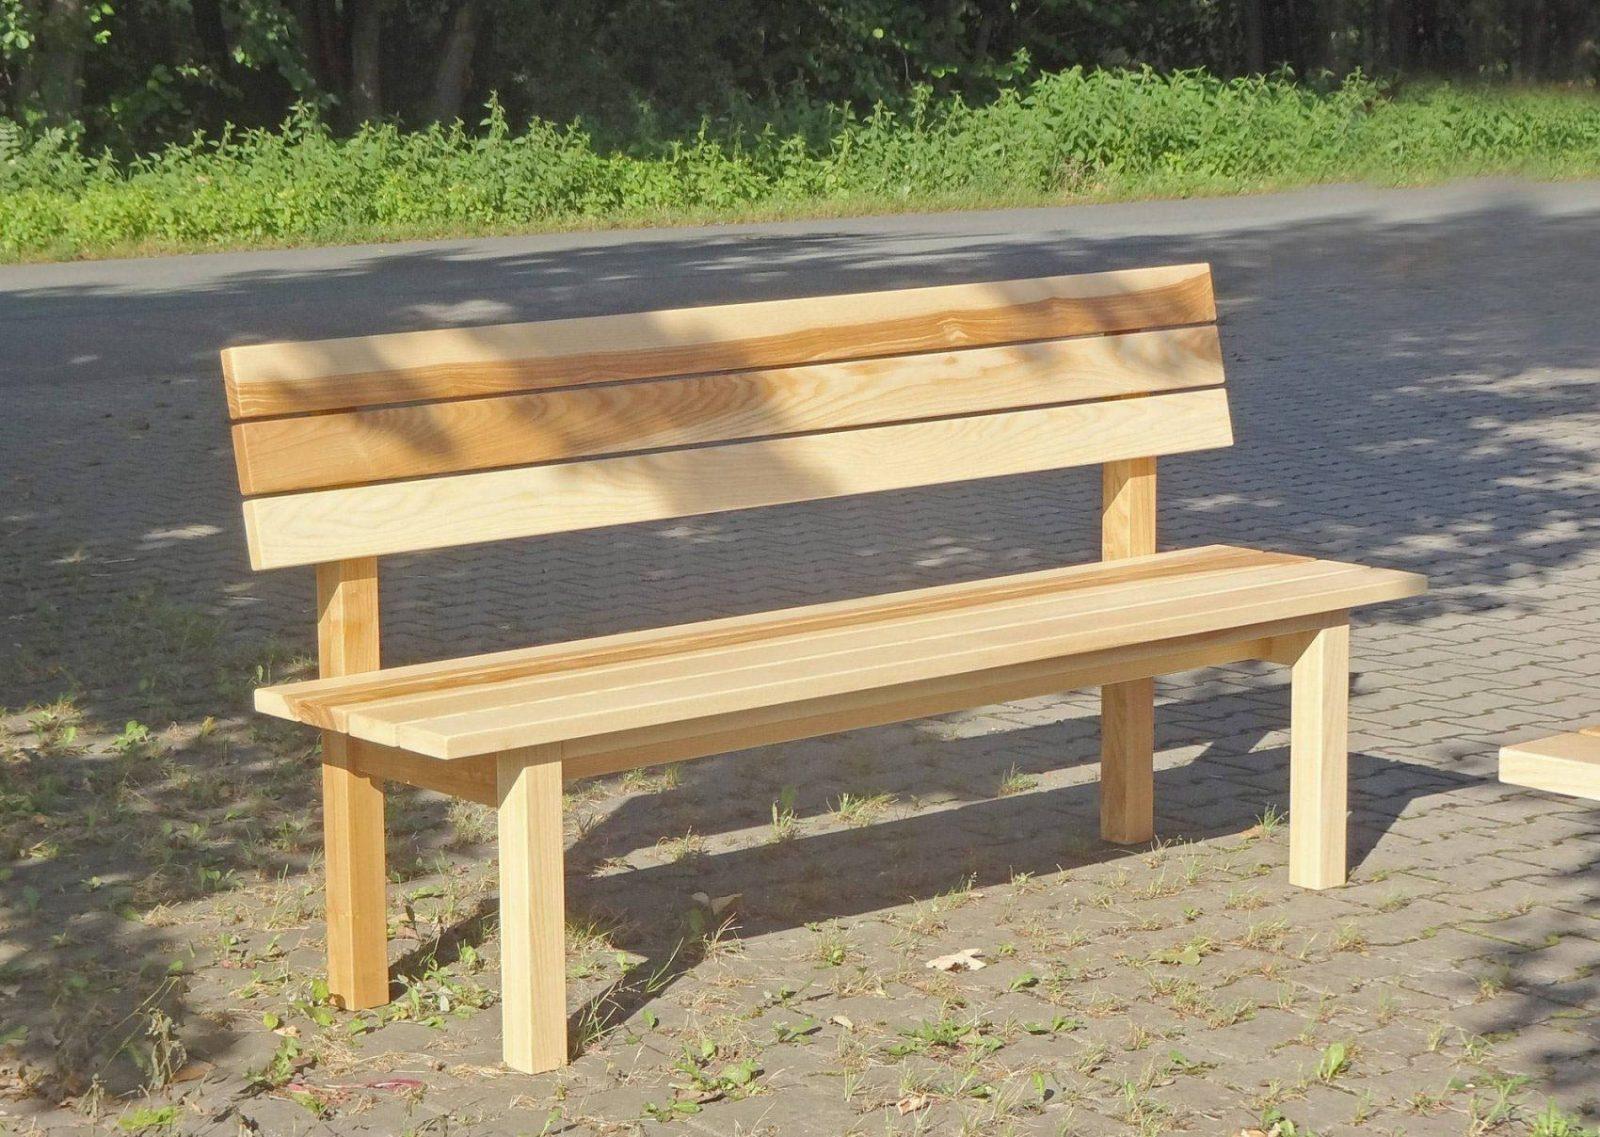 Wohnideen  Holzbank Selber Bauen Auch Luxus Oben Bauanleitung von Gartenbank Holz Selber Bauen Photo